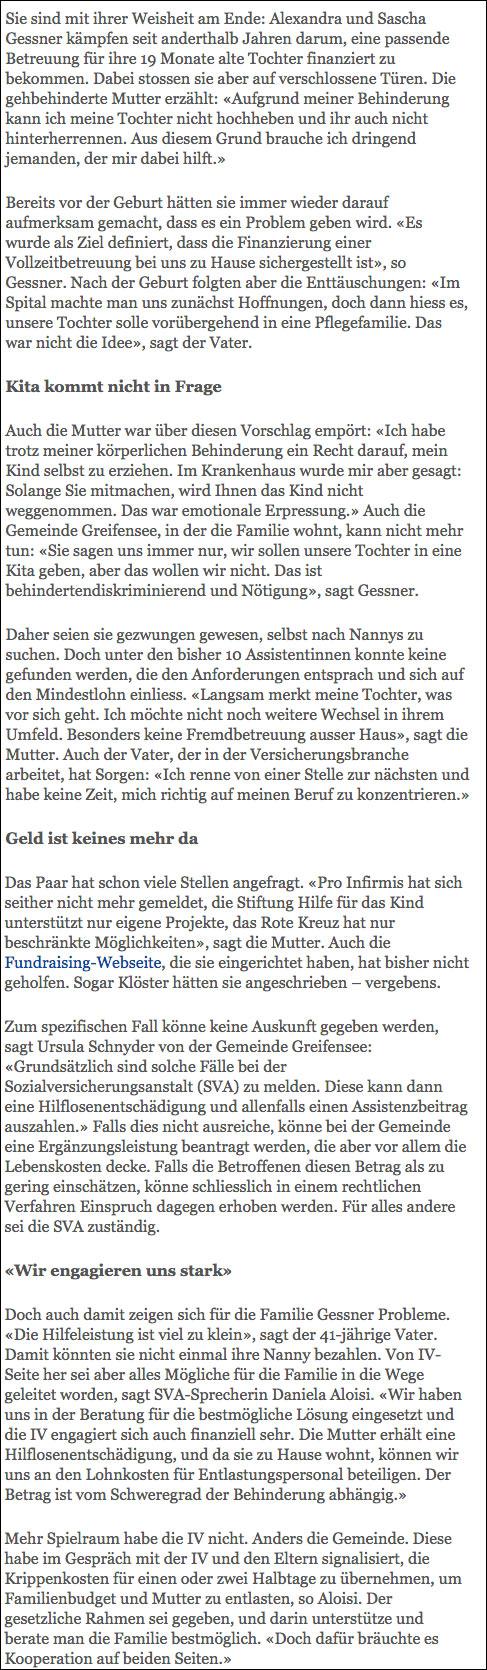 familie-schweizer-gehbehindert-kind-weggenommen